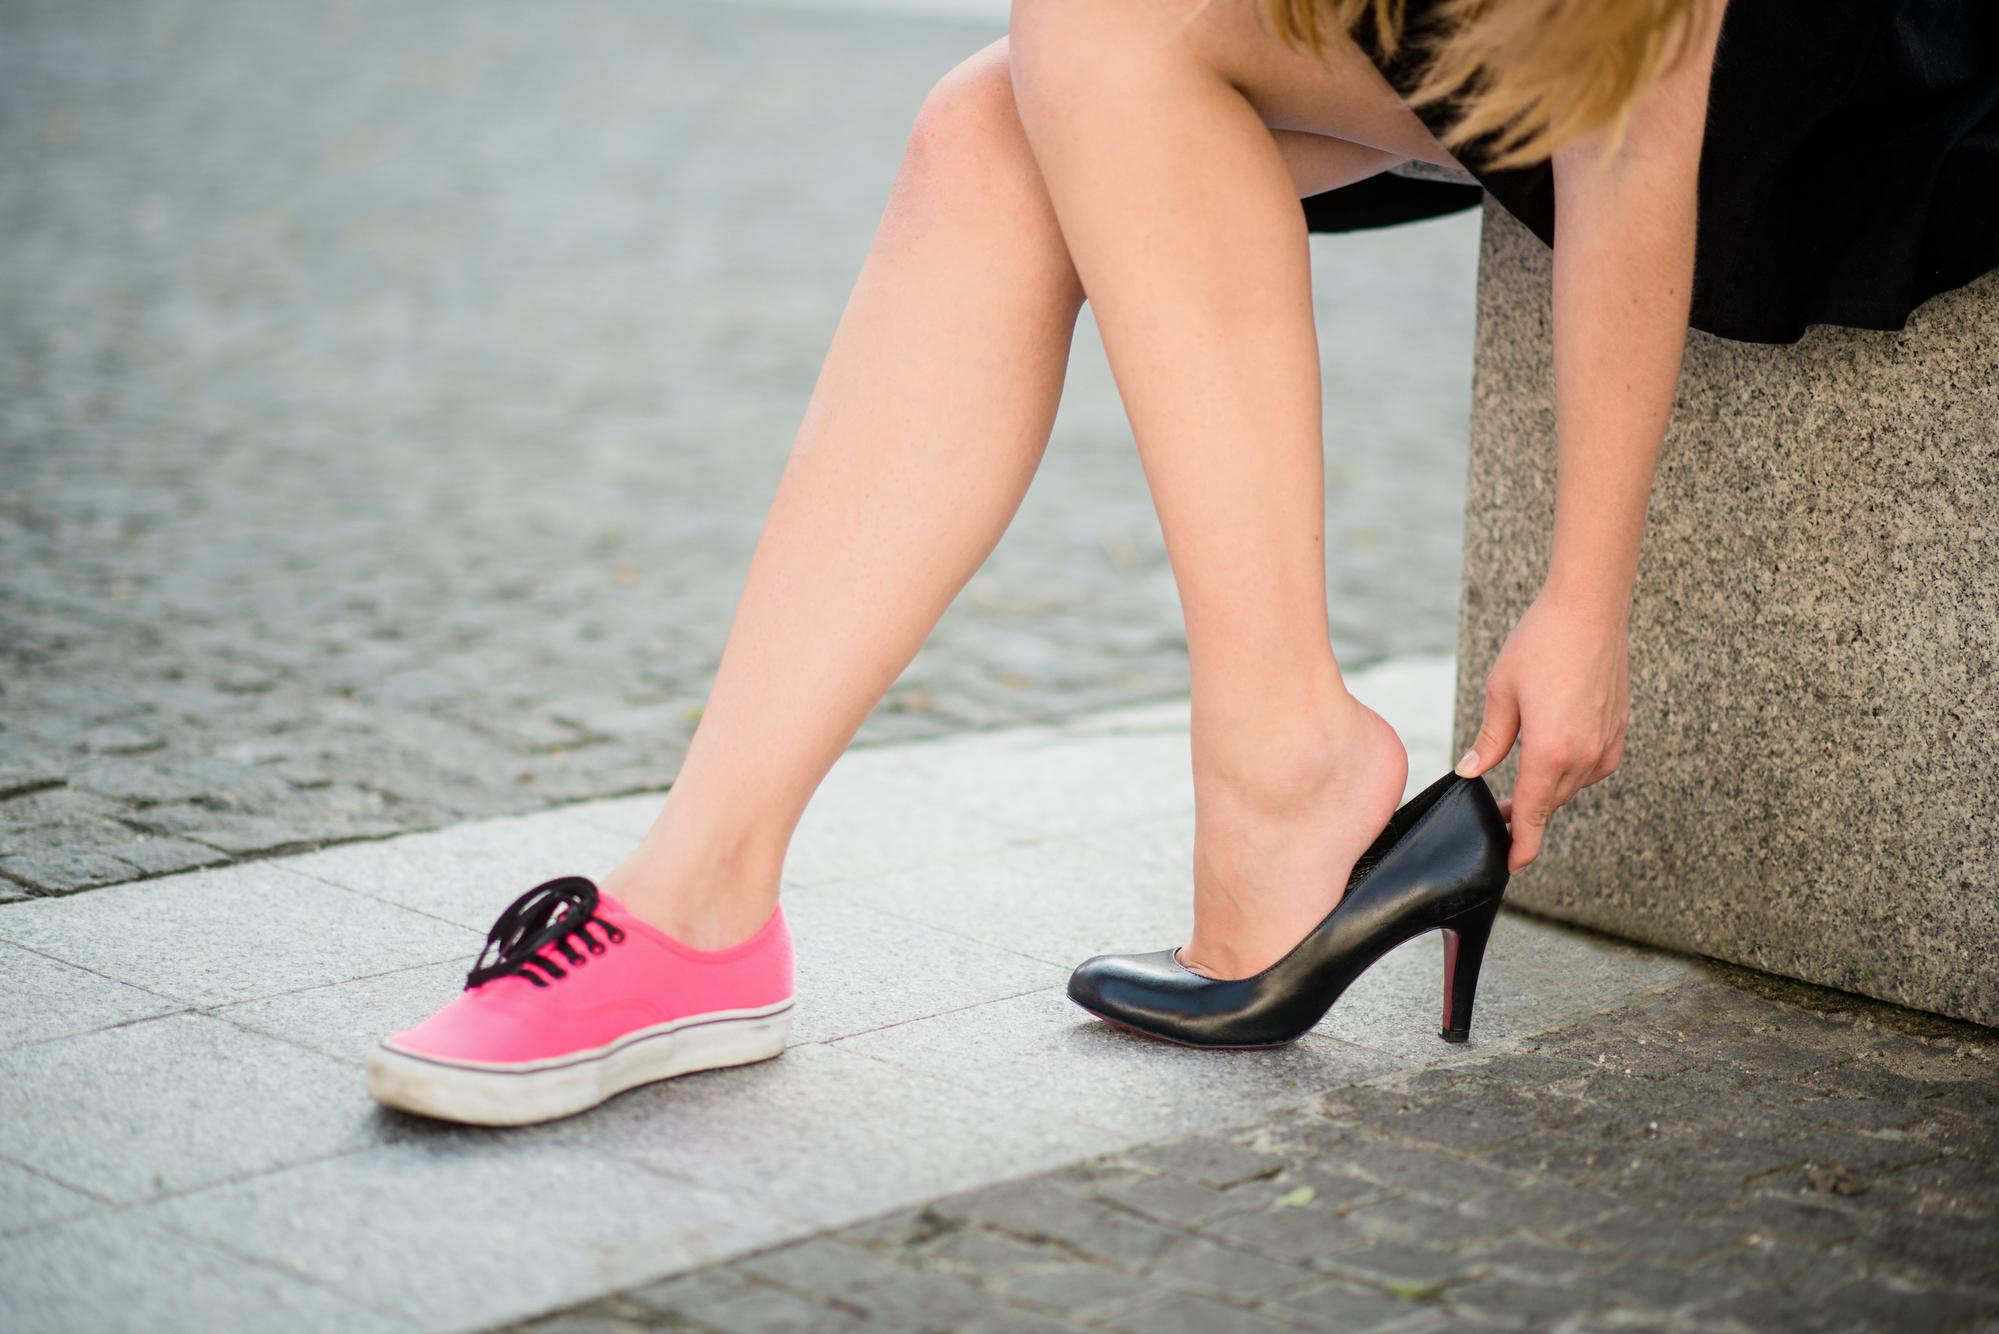 Les différents types de chaussures pour les femmes